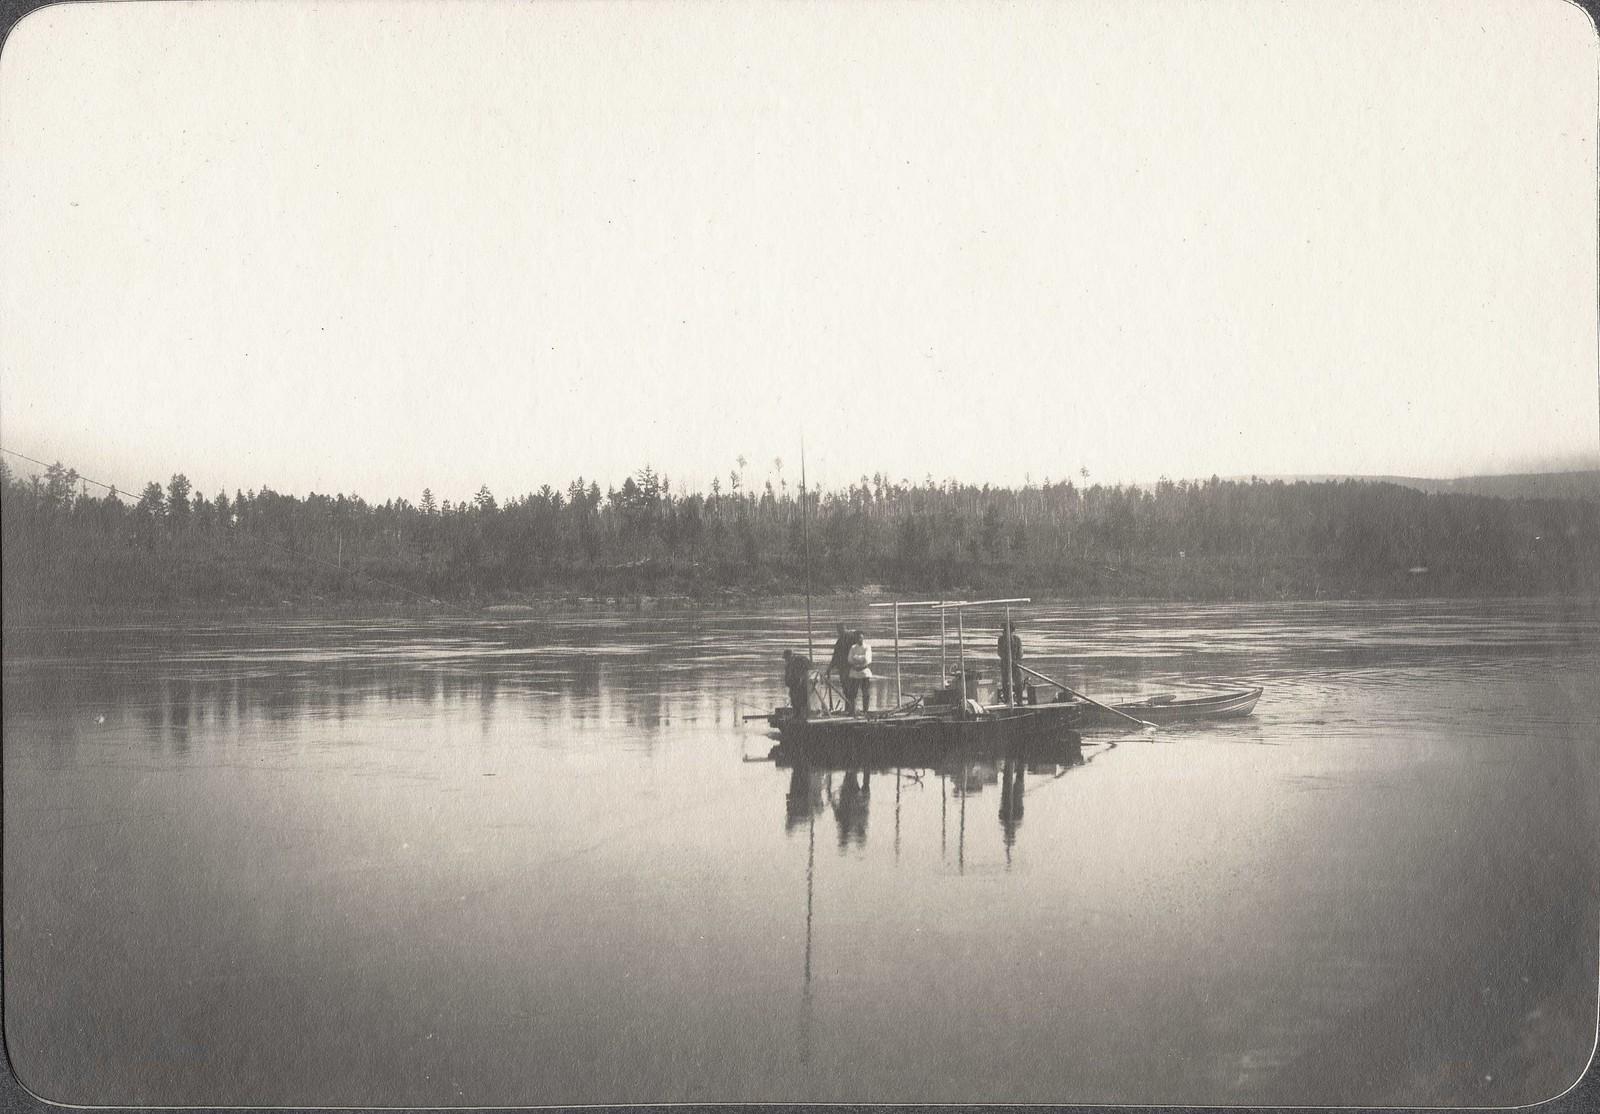 Момент гидрометрических работ с вертушкой на плоту посреди реки